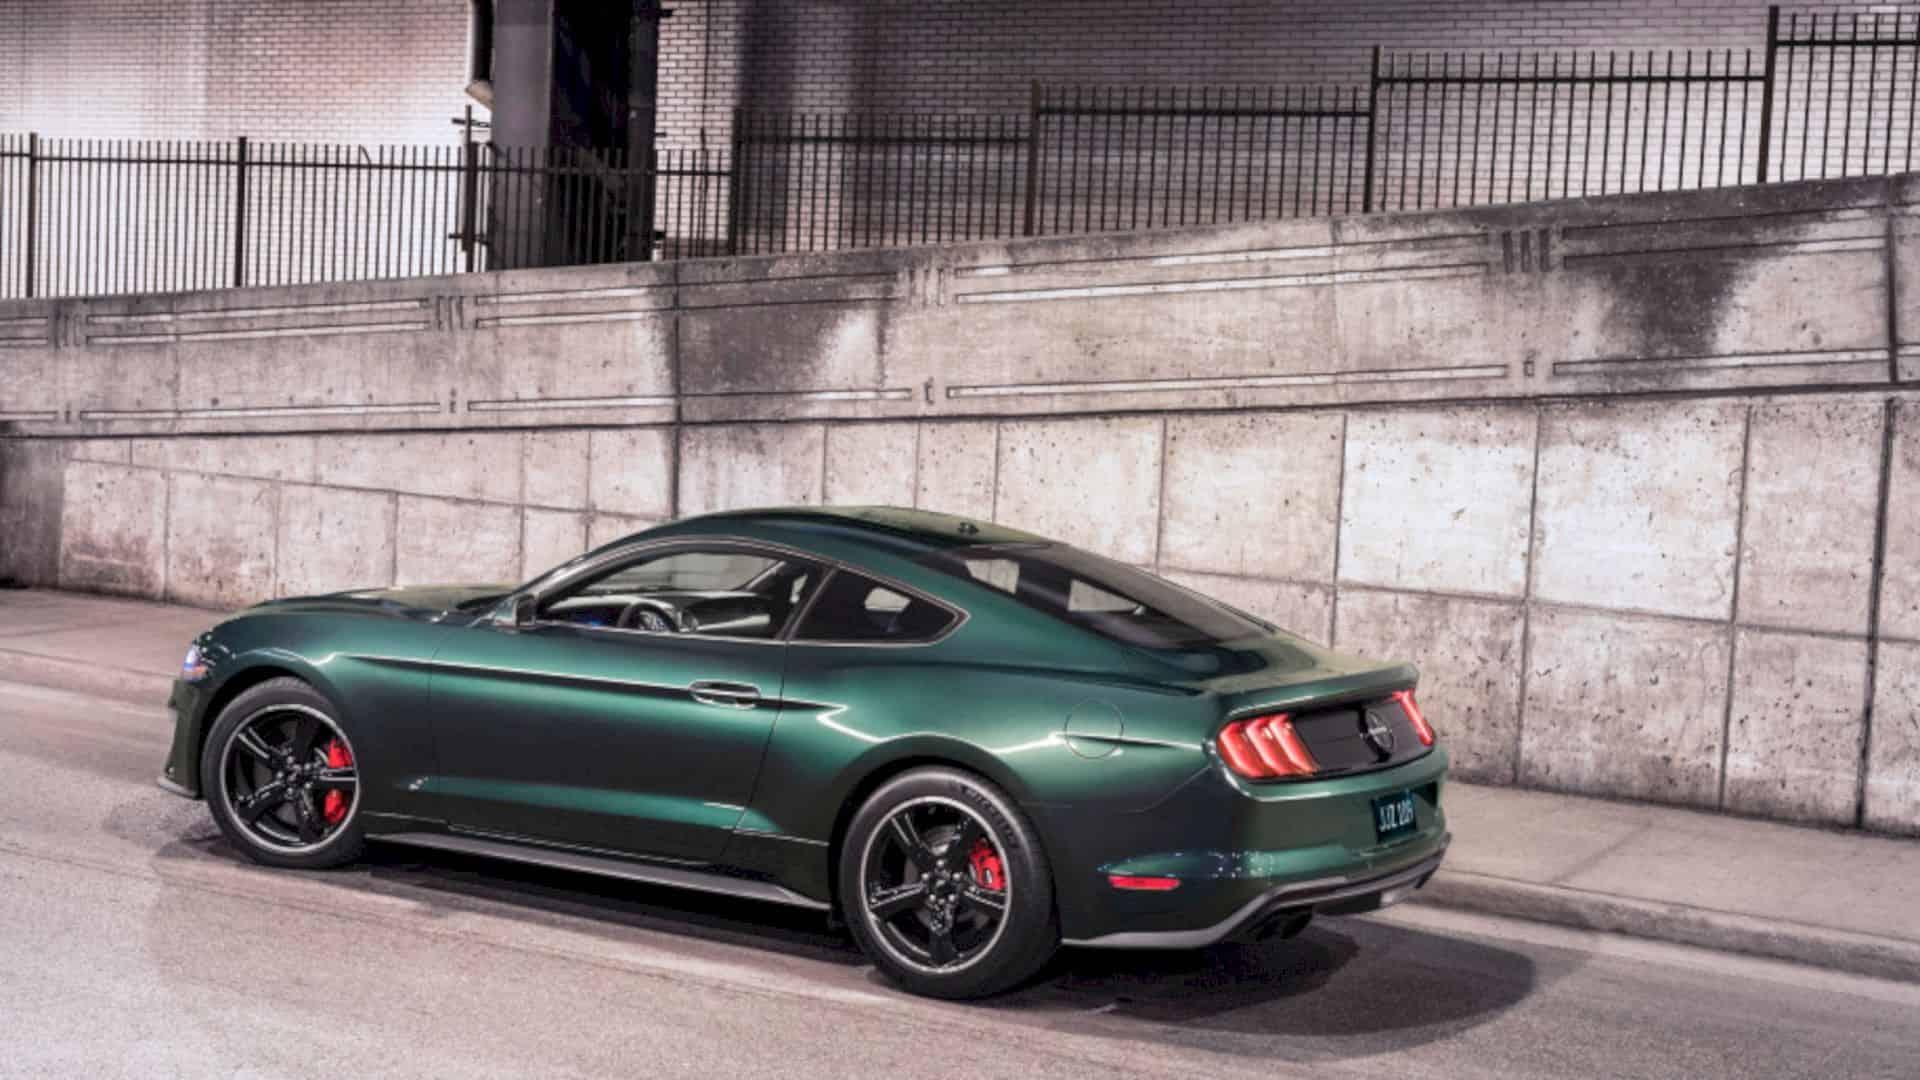 2019 Ford Mustang Bullitt 4